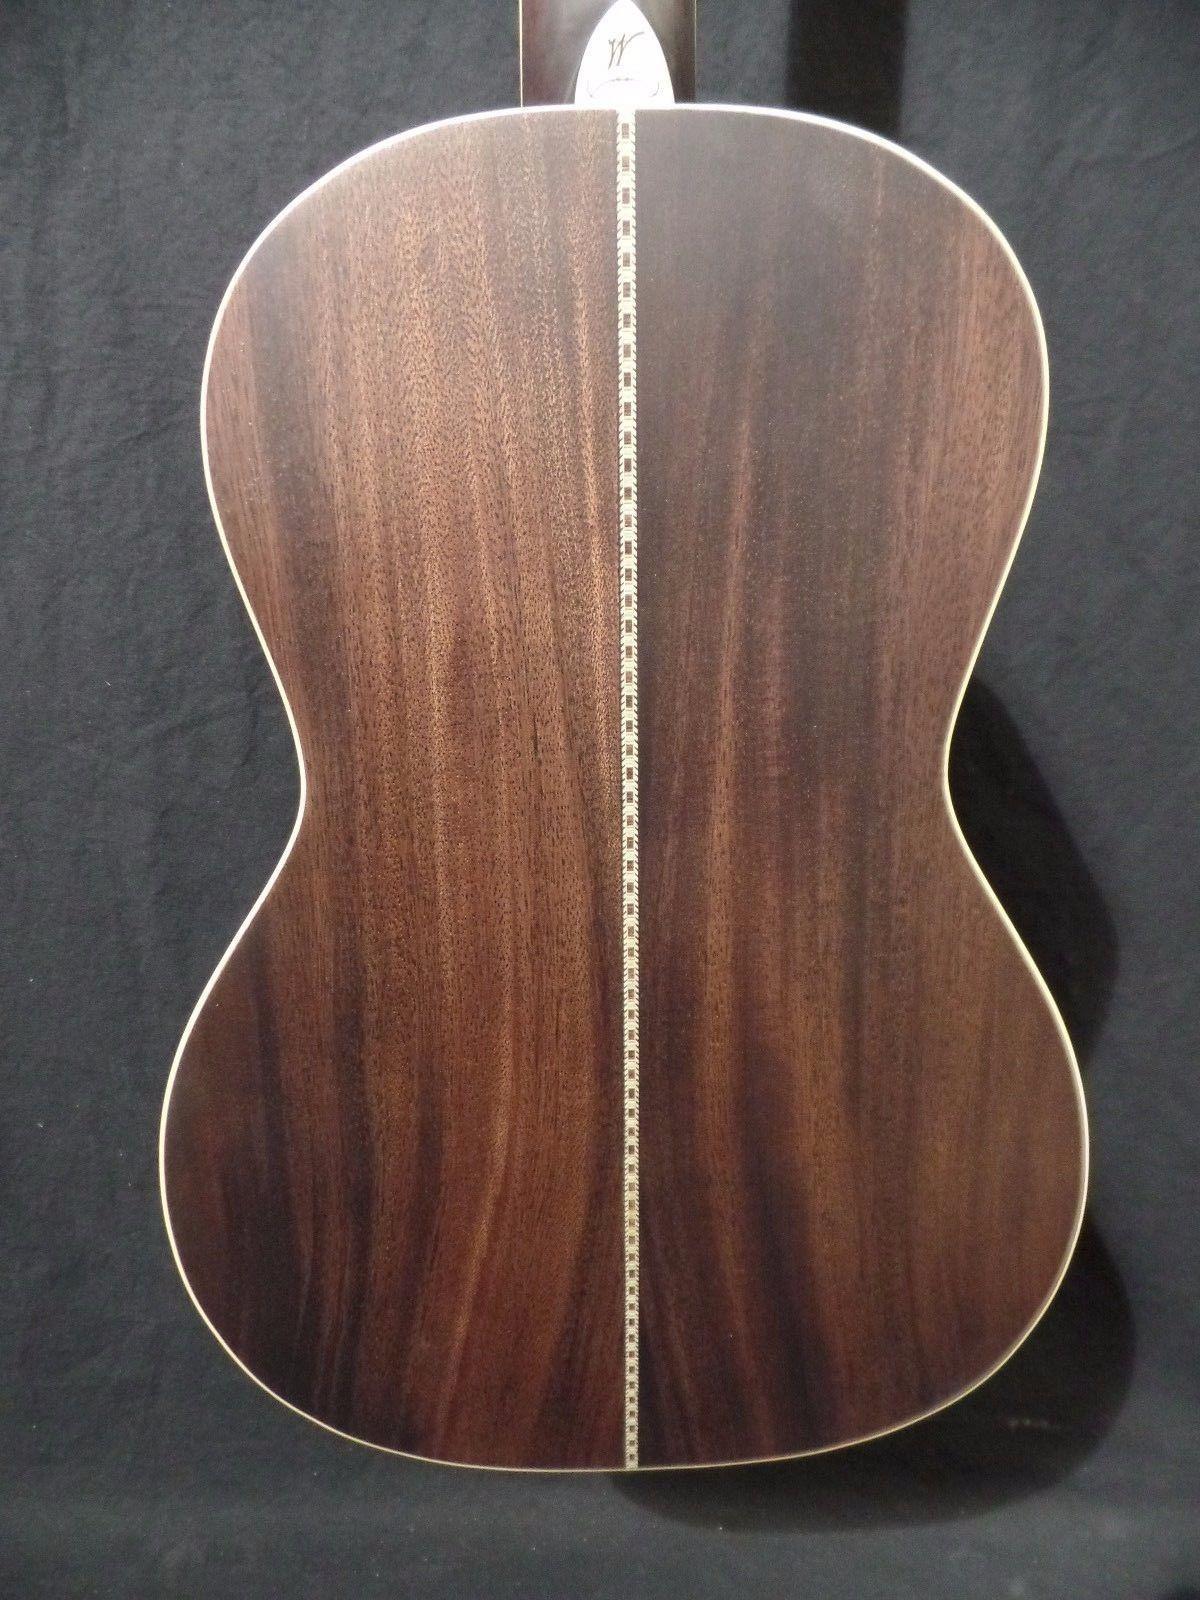 washburn r319swkk vintage parlor acoustic guitar hard shell case 0501 ebay. Black Bedroom Furniture Sets. Home Design Ideas